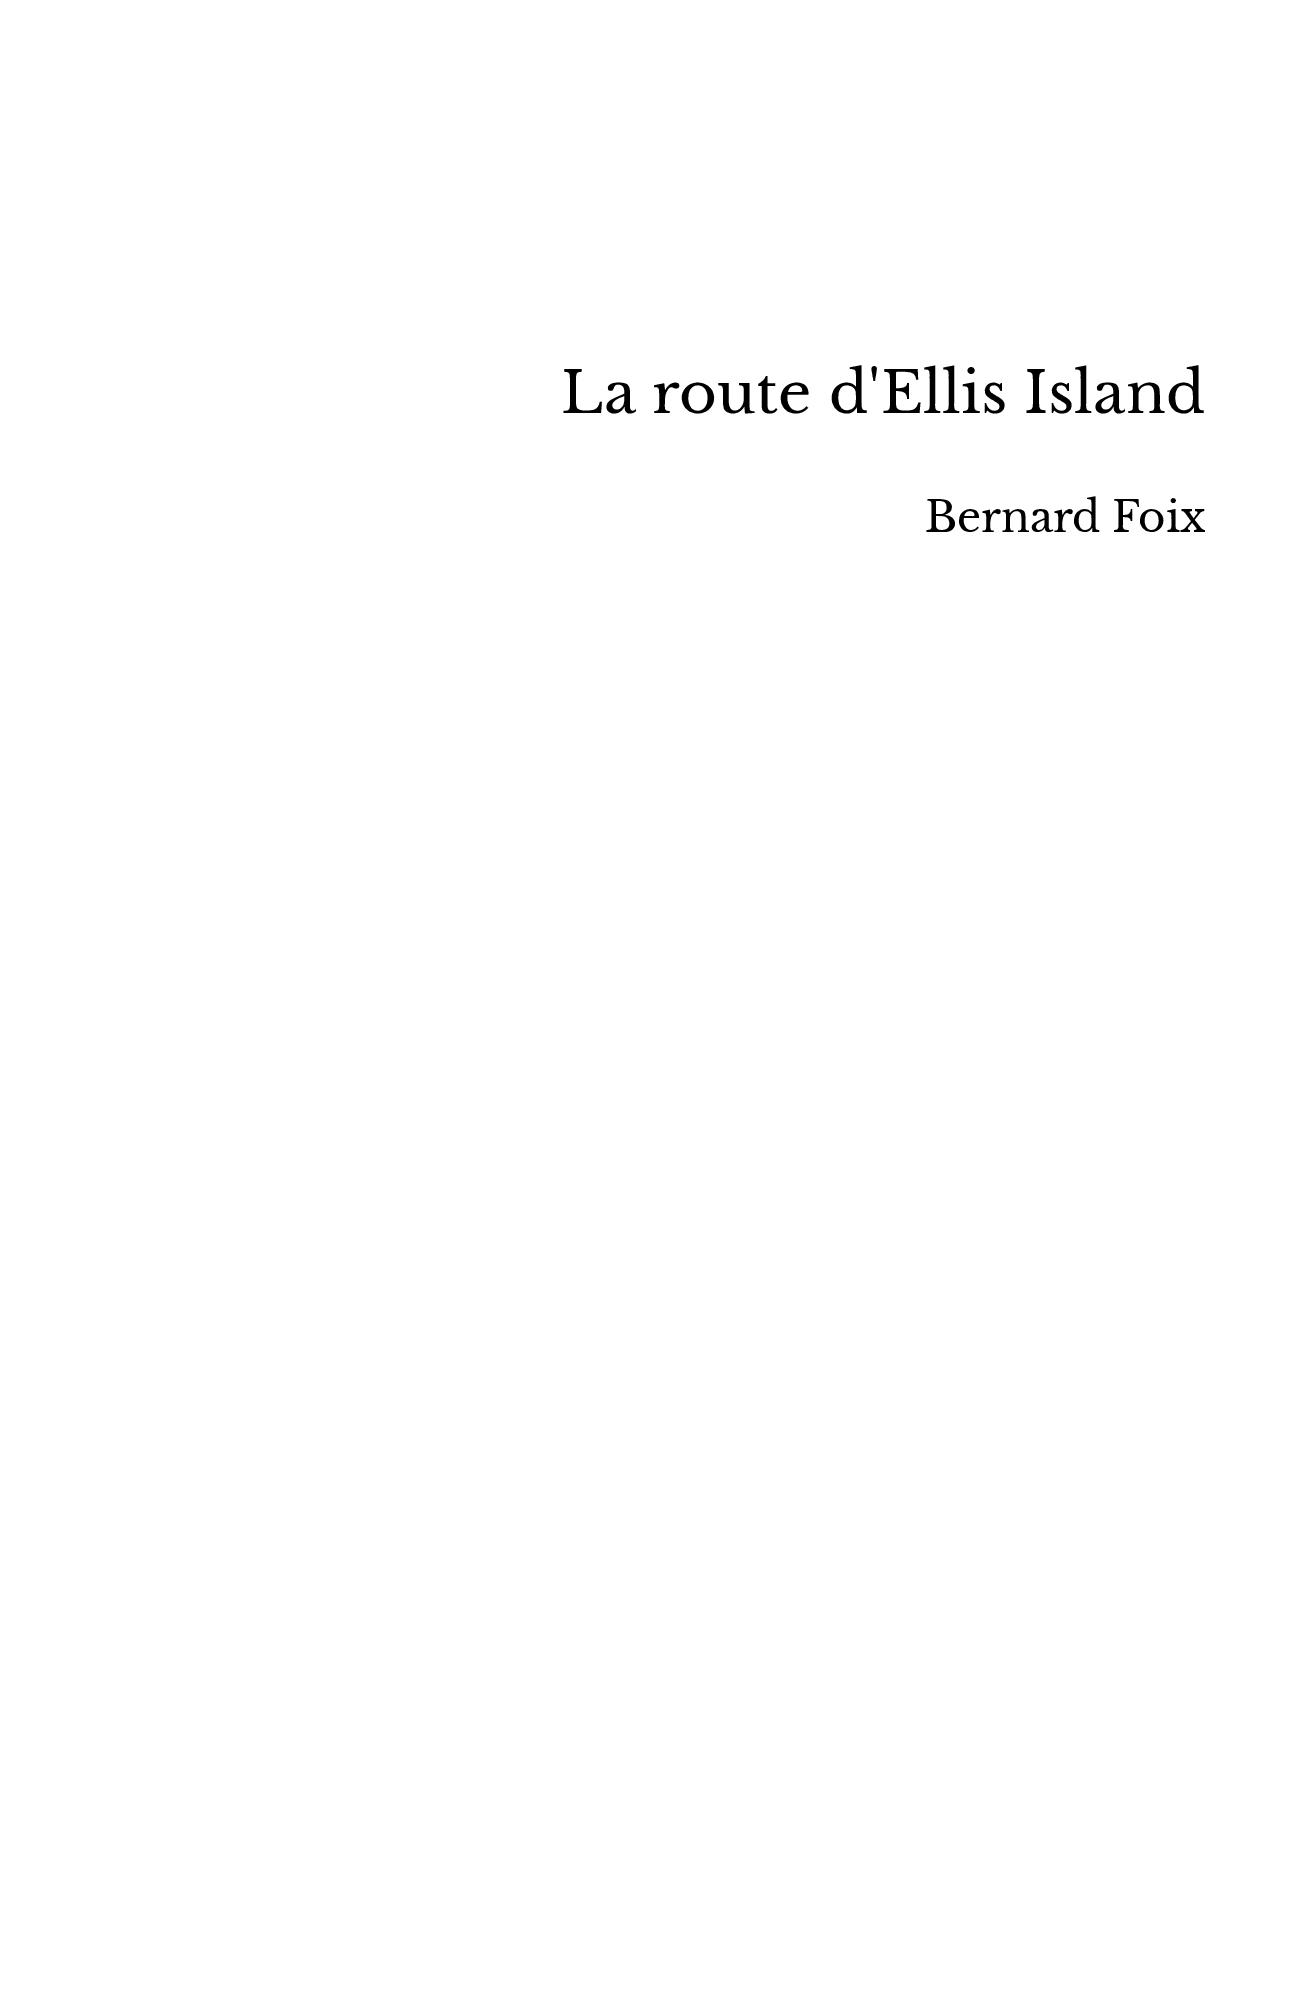 La route d'Ellis Island